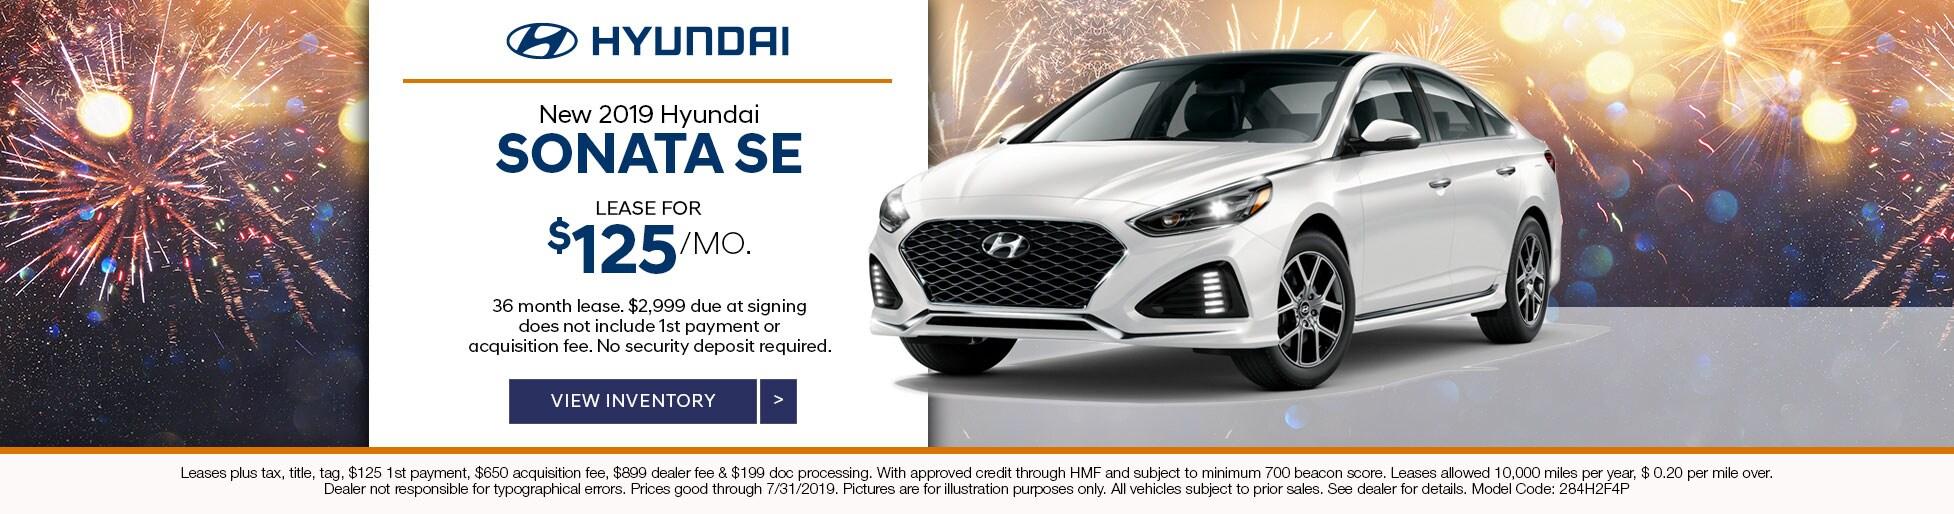 West Palm Beach Hyundai Used Car Dealership Near Me Hyundai